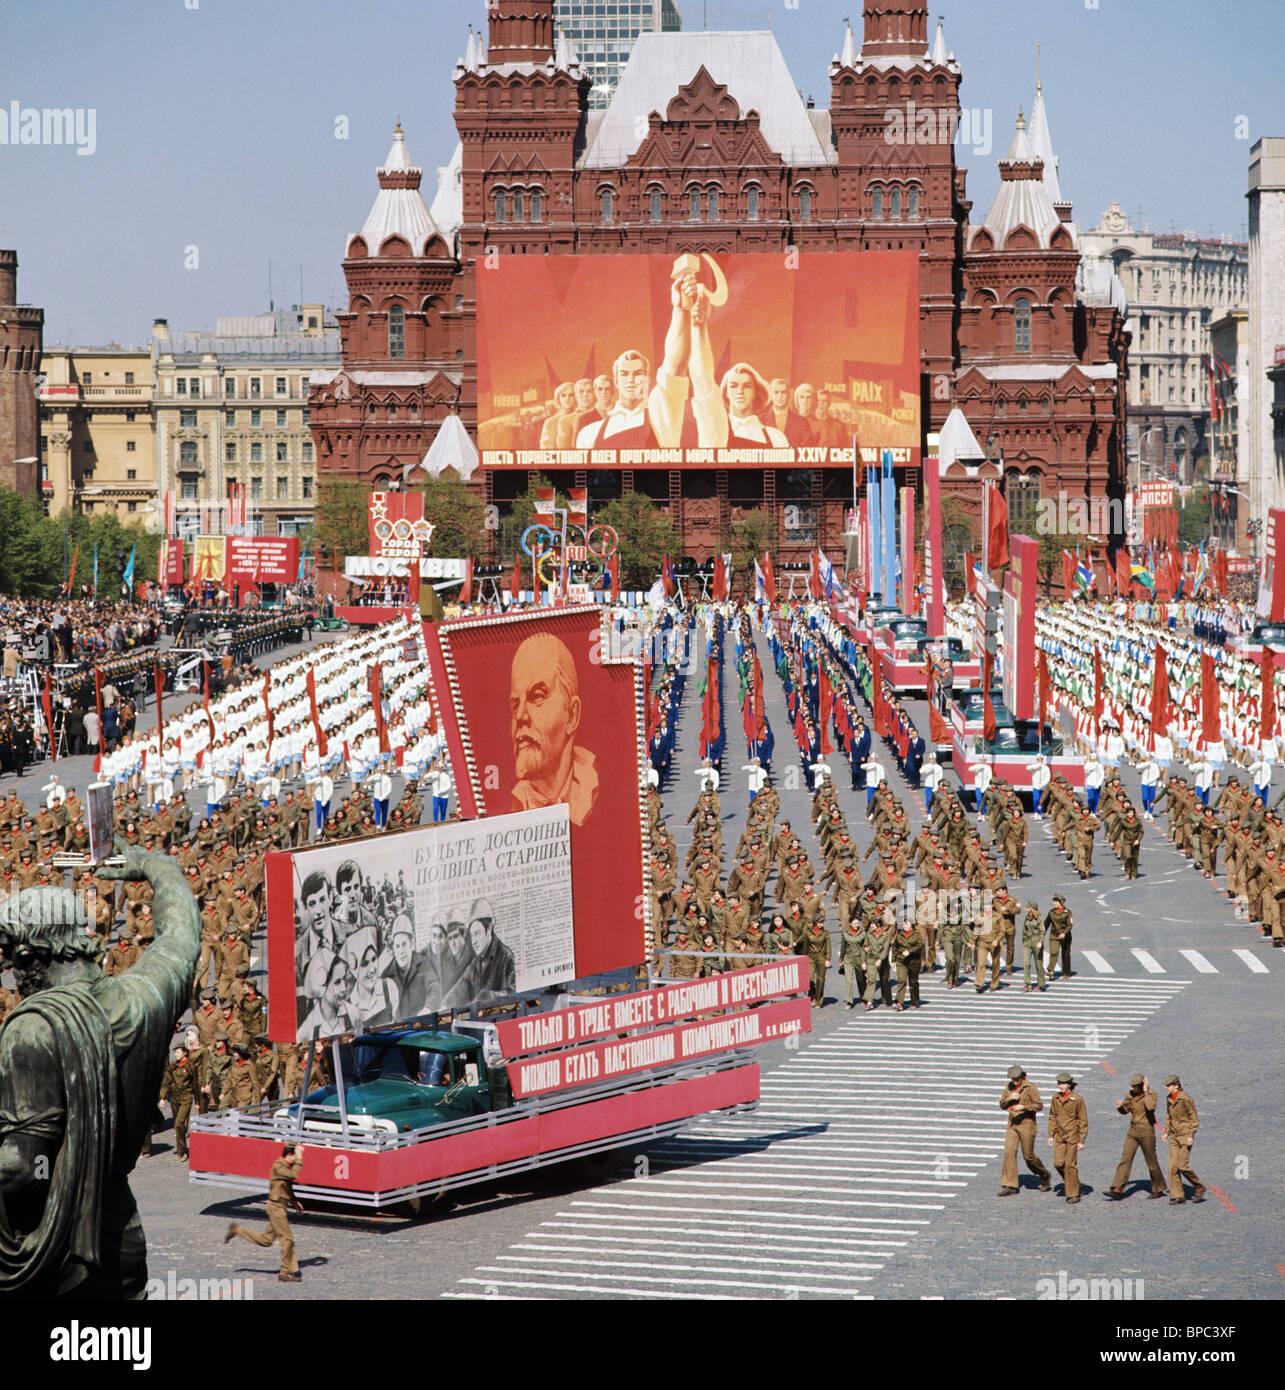 Célébration du 1er mai à Moscou, 1975 Banque D'Images